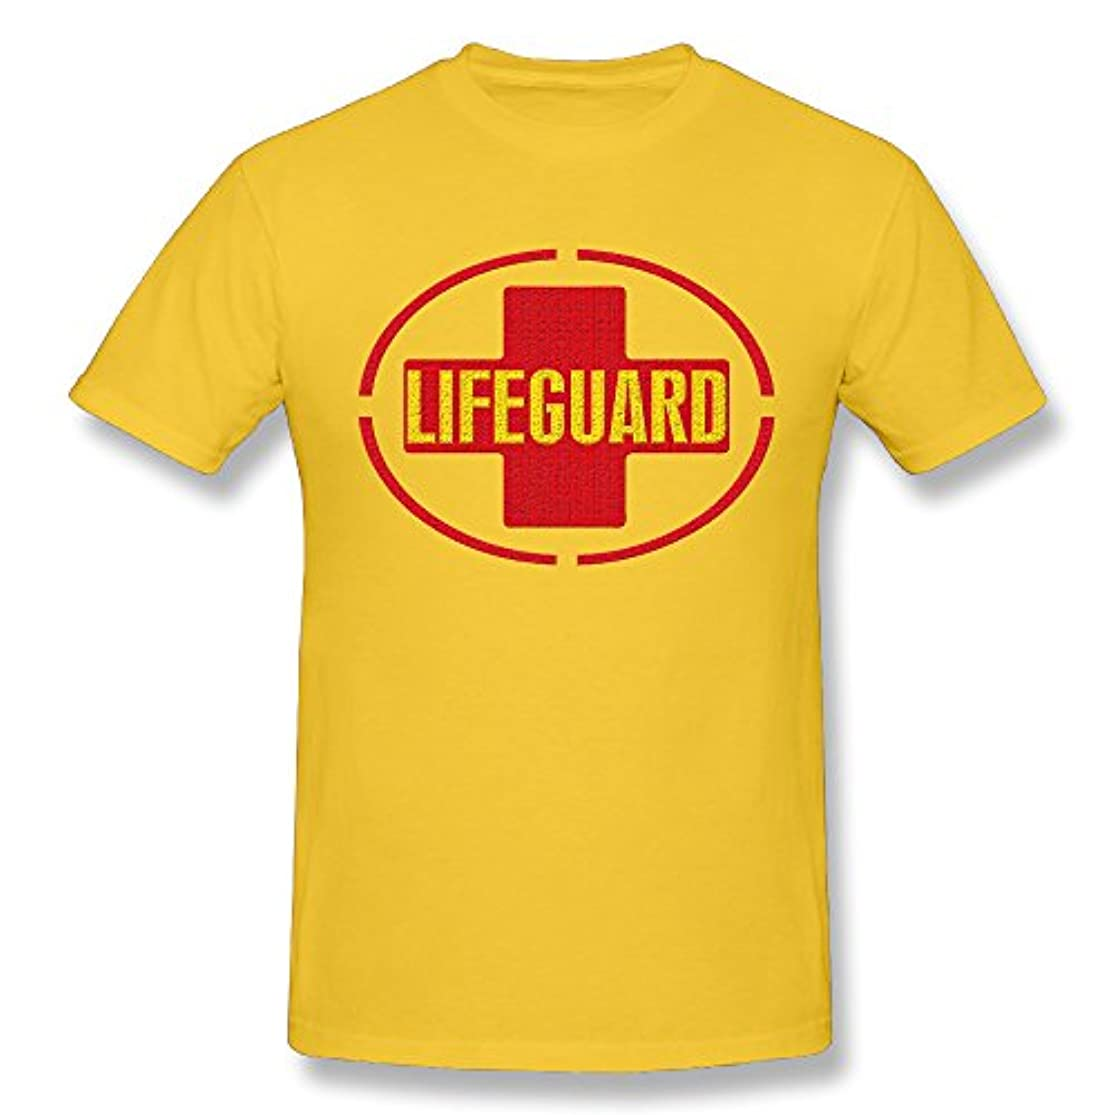 のれんコットン逆にAllen Mee ライフガード Lifeguard 安全 綿 半袖 Tシャツ メンズ Tシャツ カジュアル 速乾 Black